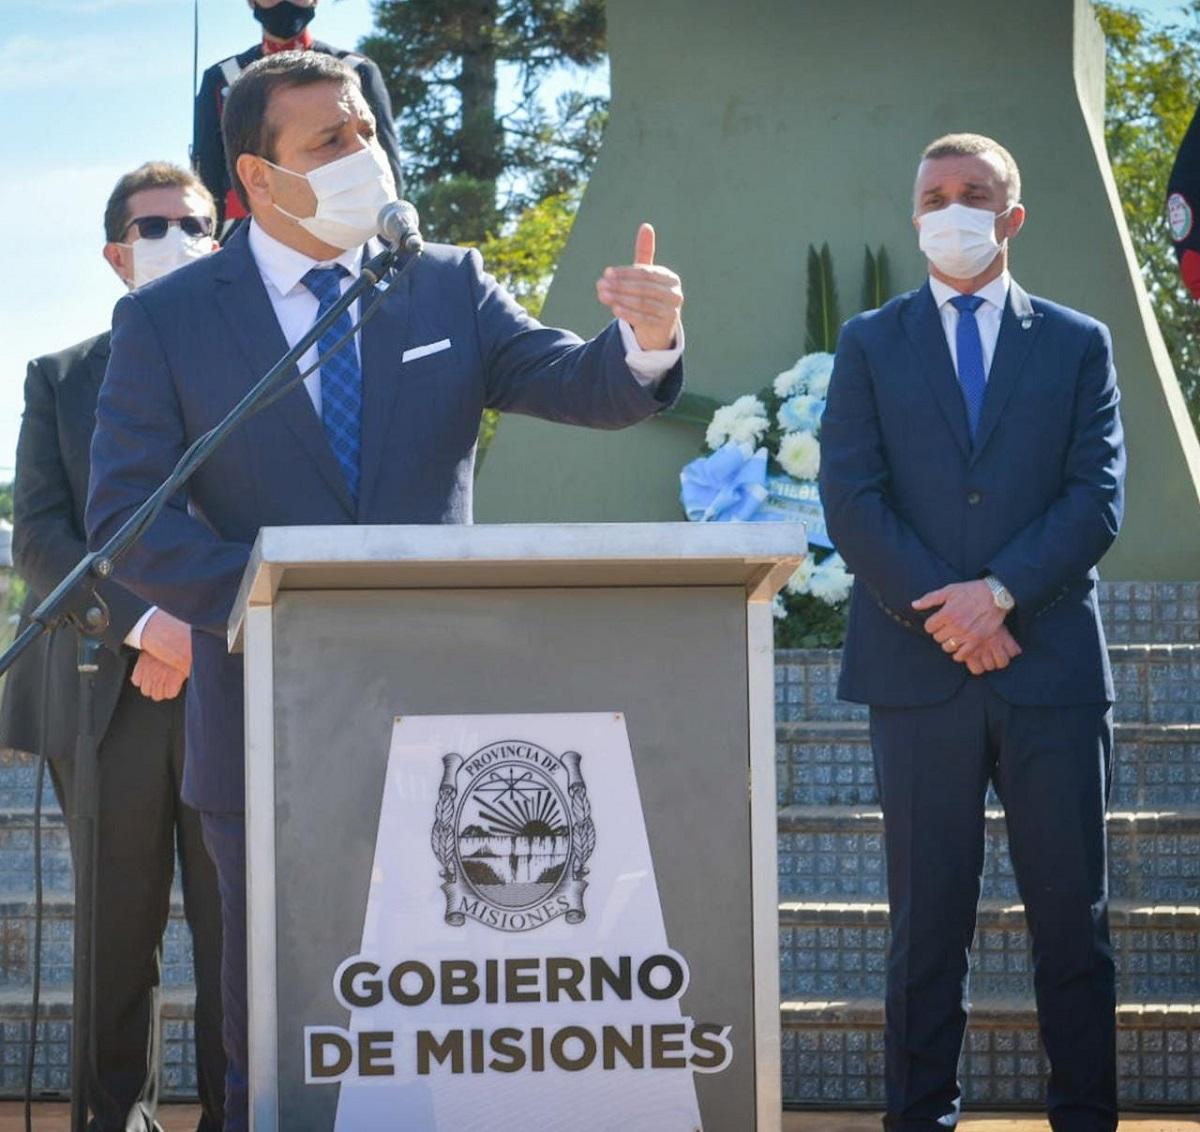 """En el acto por el 25 de Mayo, el Gobernador Oscar Herrera Ahuad rindió homenaje a los Héroes de Mayo y reconoció la labor de """"nuestros héroes que nos cuidan todo el año"""", el equipo de salud"""